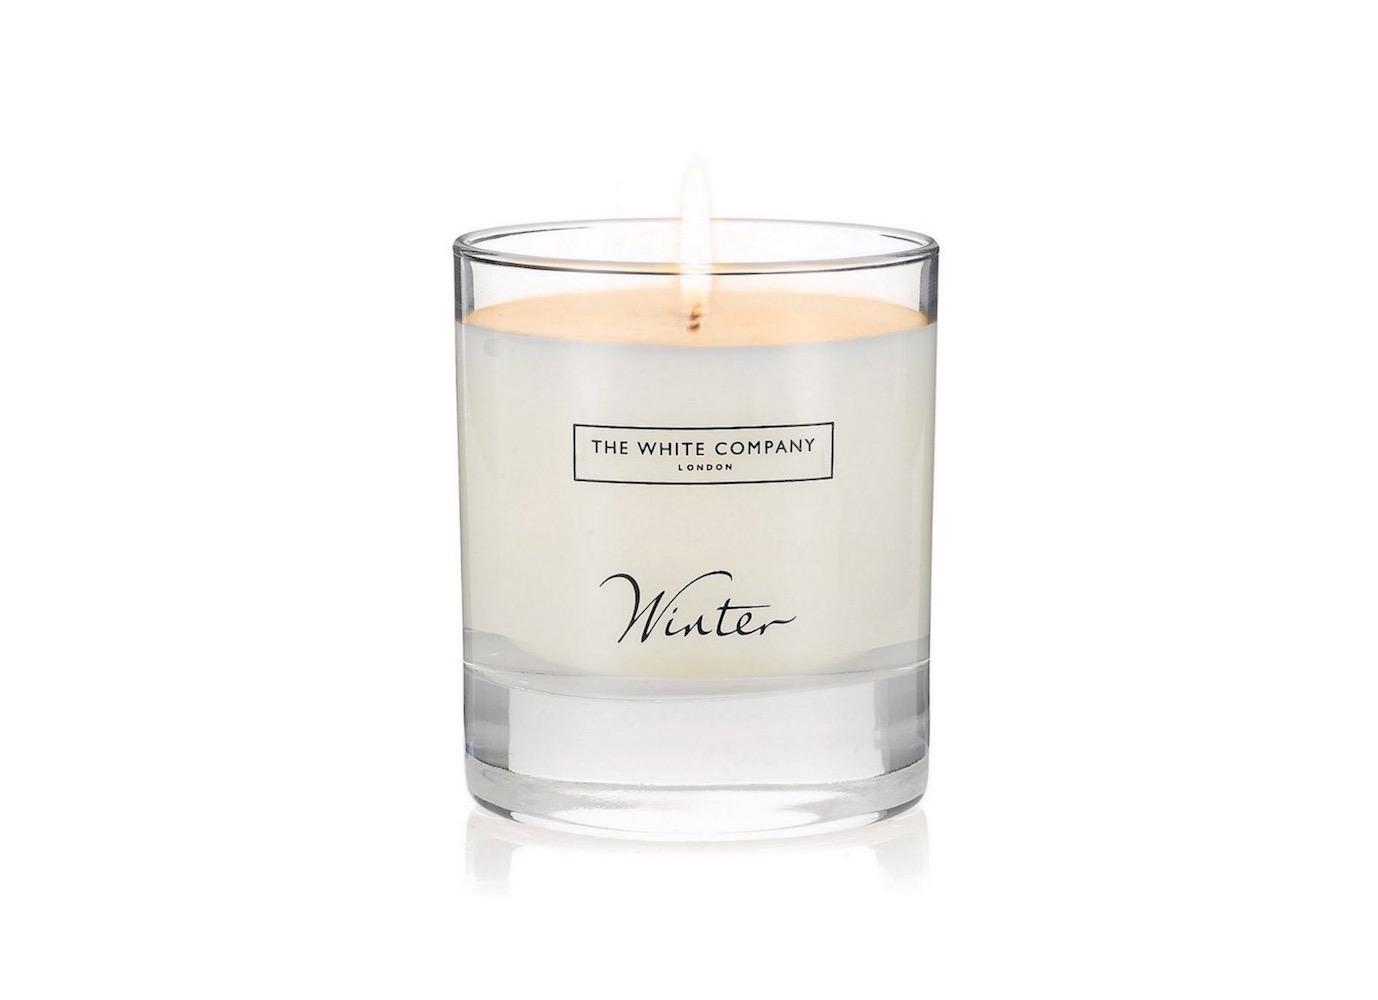 Hřejivá vůně Winter od The White Company se skvěle hodí na zimní dny, voní po skořici a hřebíčku se špetkou svěžího pomeranče.